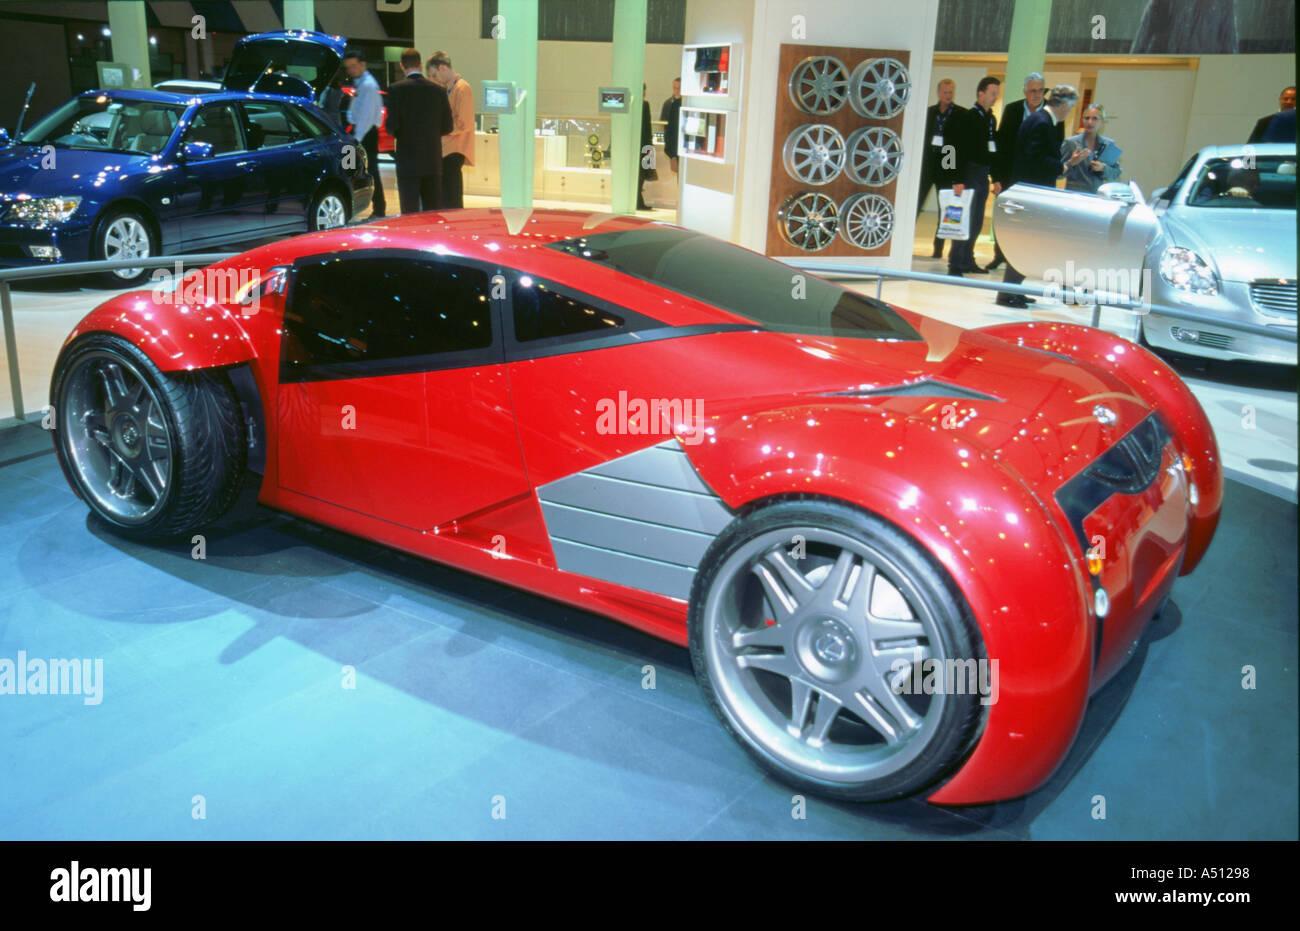 2002 Lexus concept car électrique utilisée dans Rapport minoritaire film Photo Stock